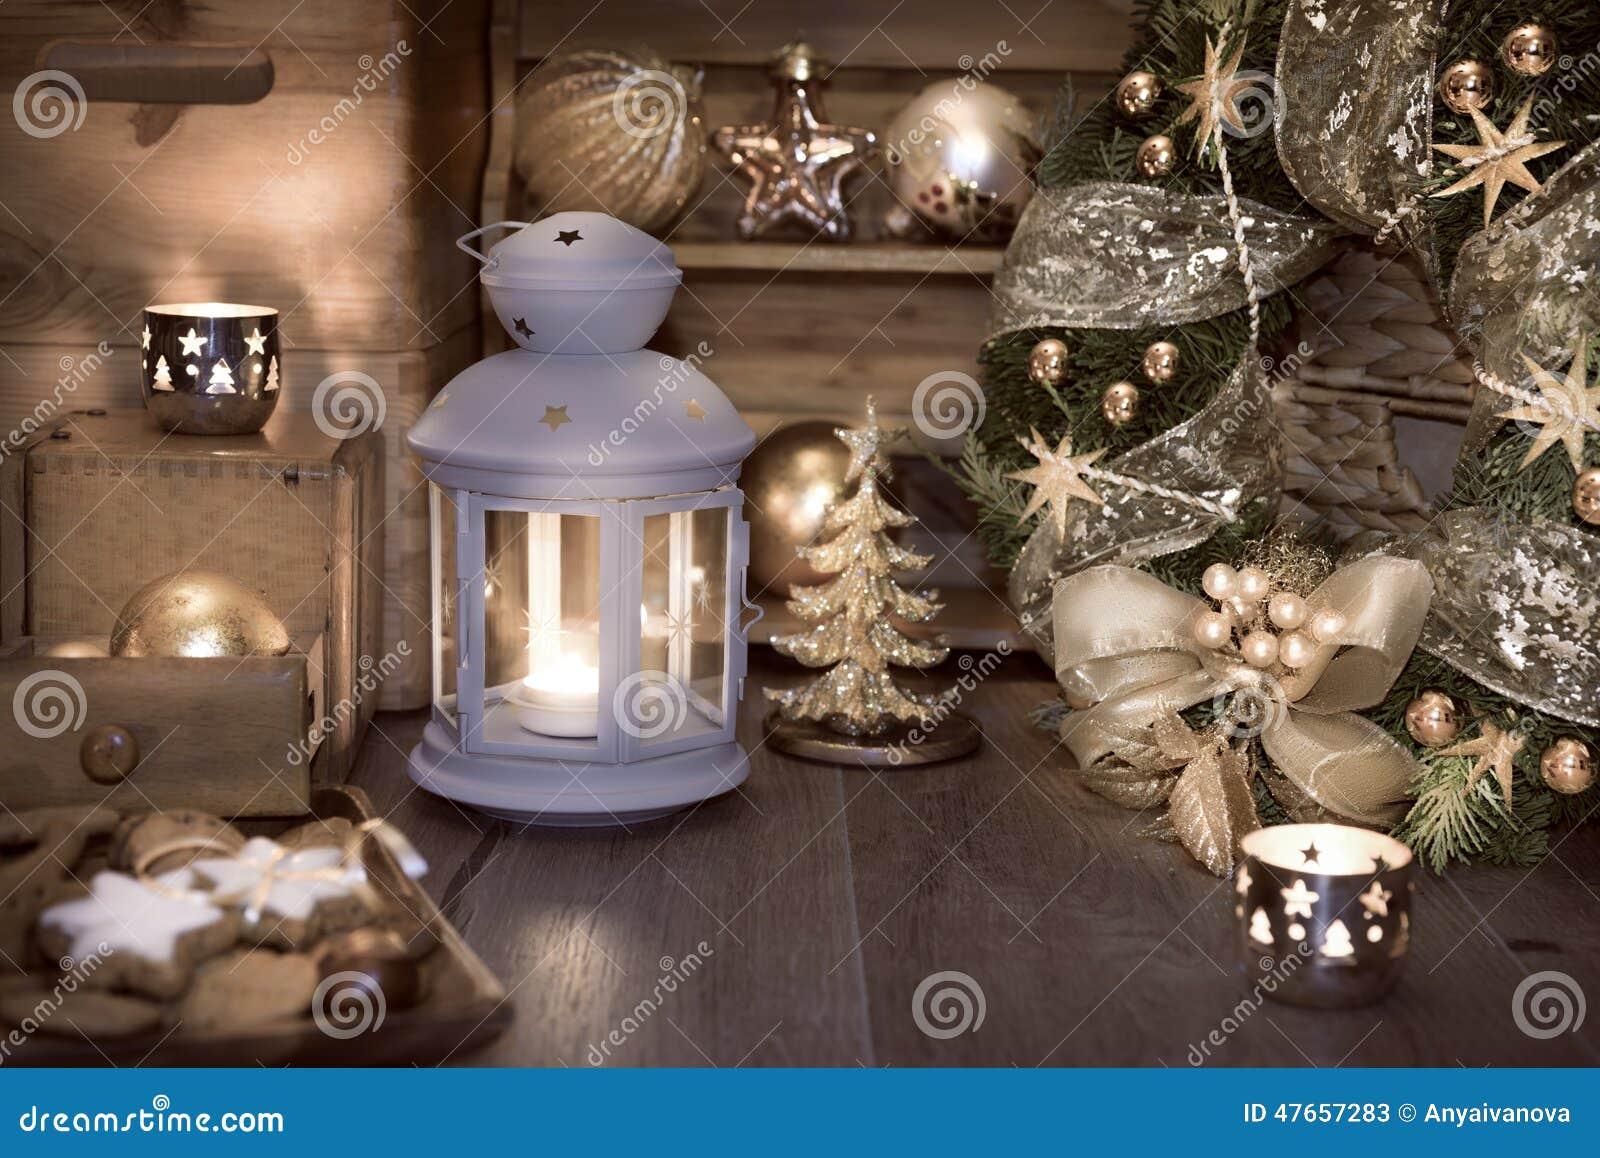 Dekoracyjny Lampion świeczki I Boże Narodzenie Dekoracje